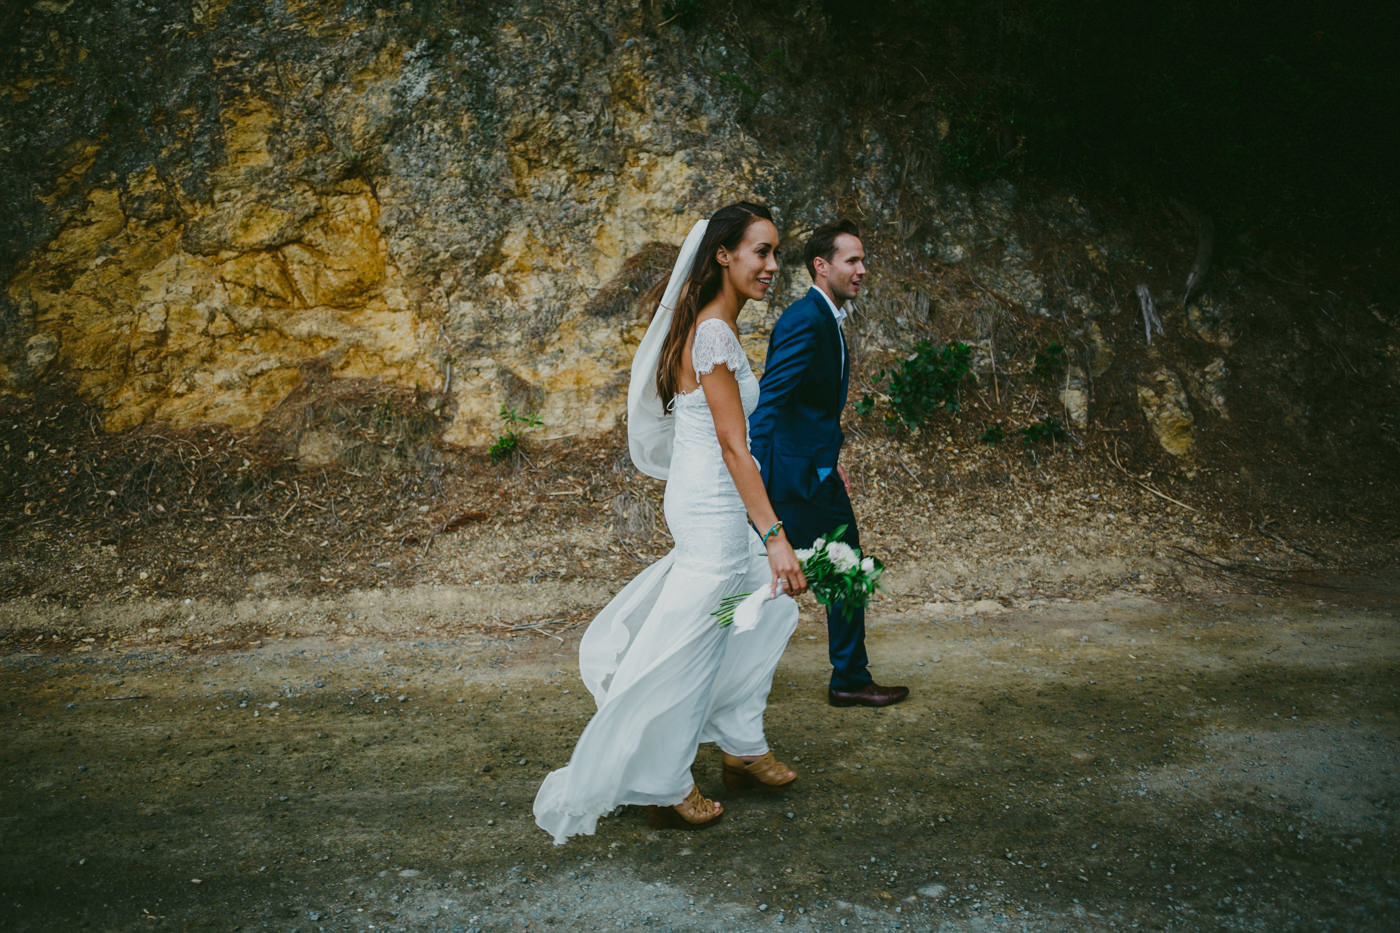 082z_auckland_leigh_wedding_photos.jpg